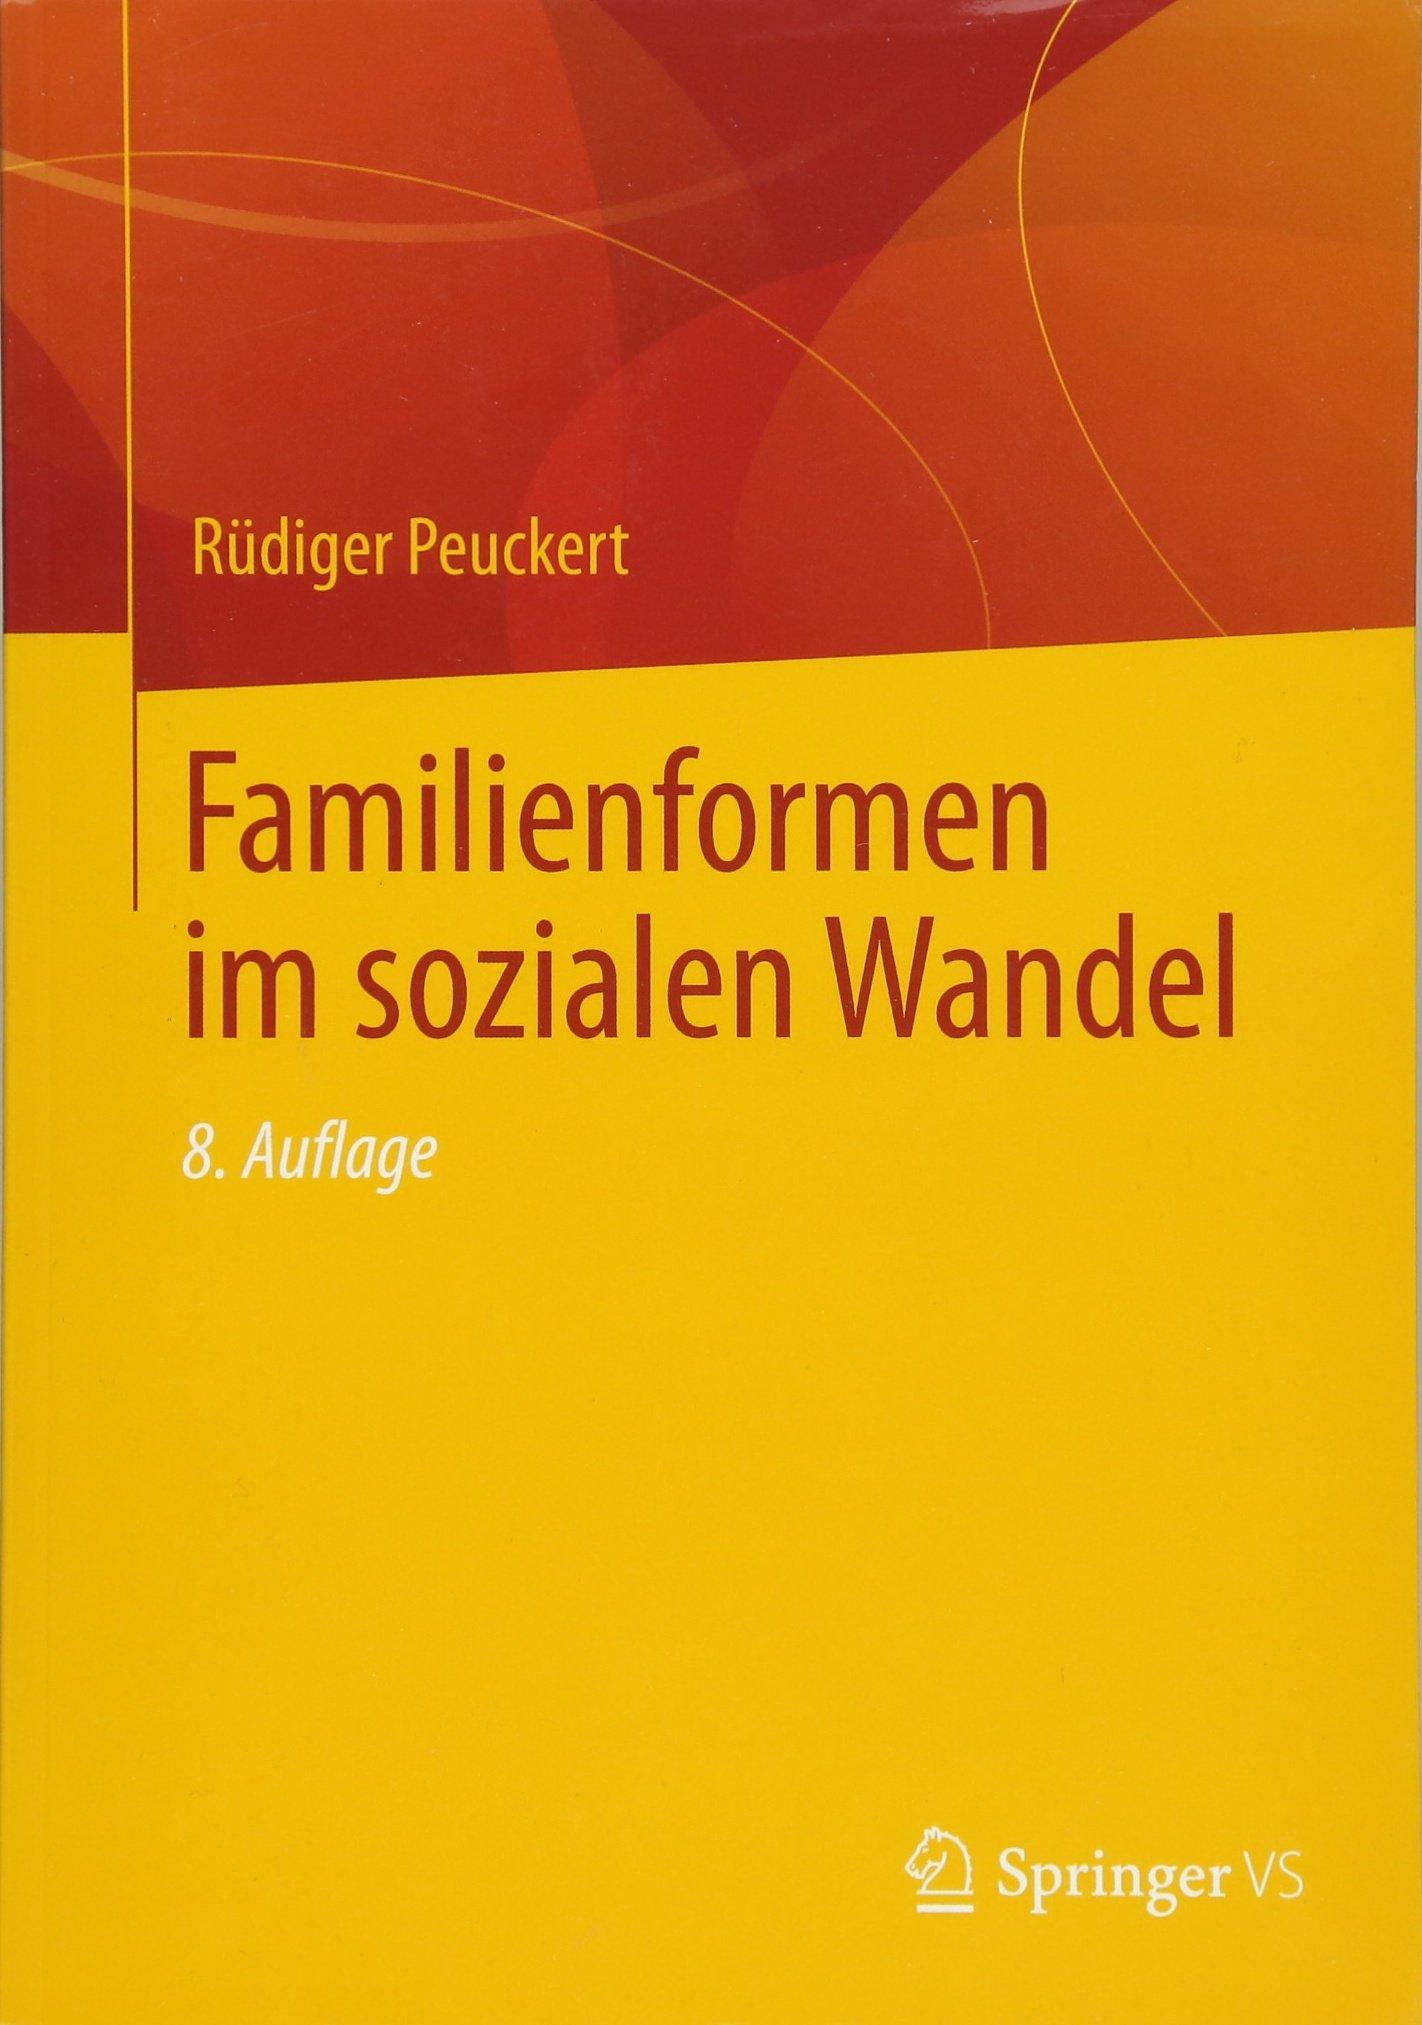 Familienformen im sozialen Wandel (Universitätstaschenbücher)